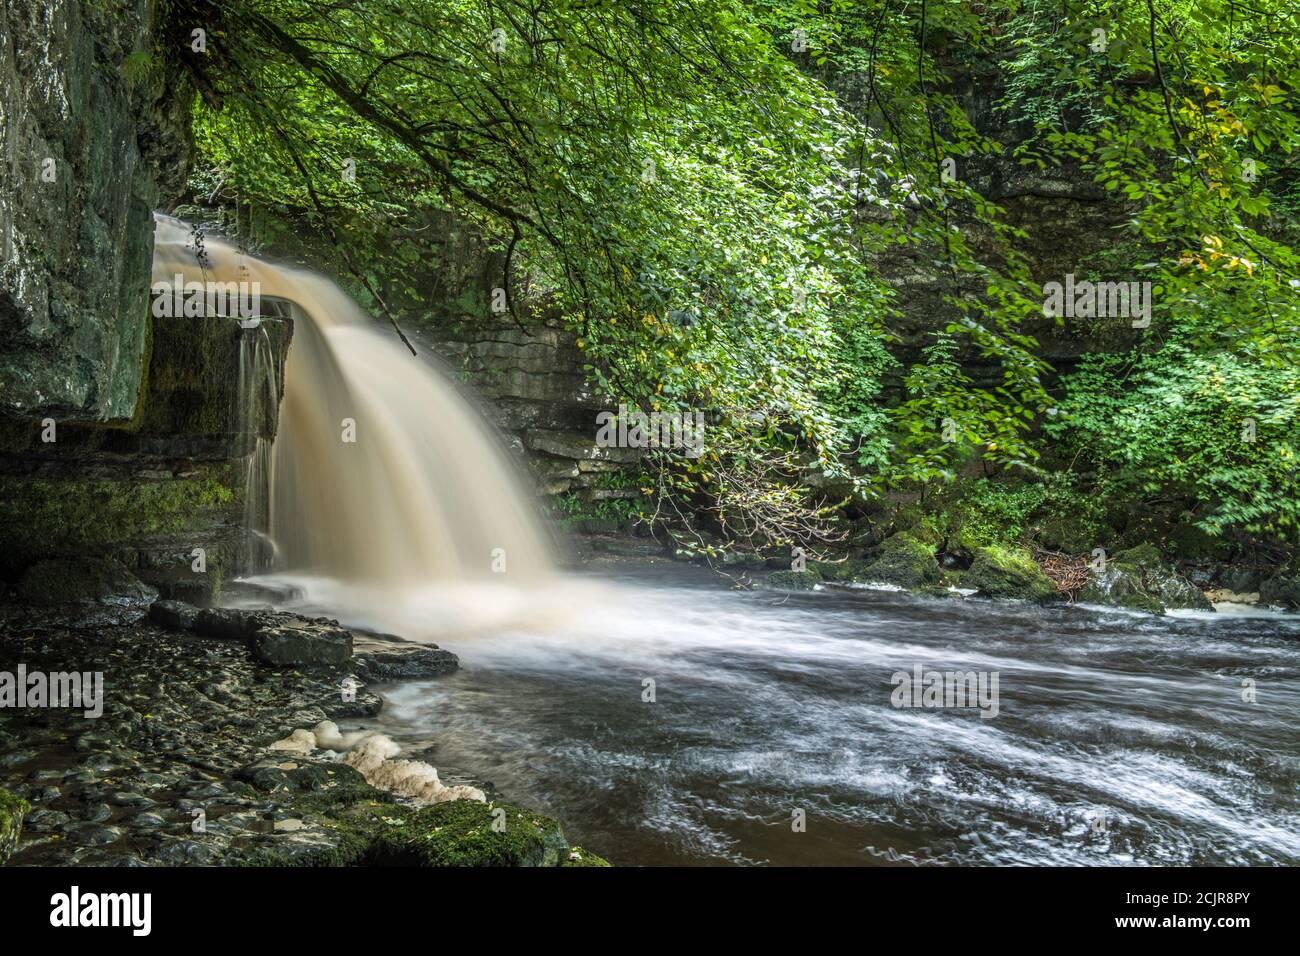 West Burton Falls en Bishopdale Yorkshire Dales National Park.muy popular entre los visitantes y los turistas. Septiembre. Foto de stock